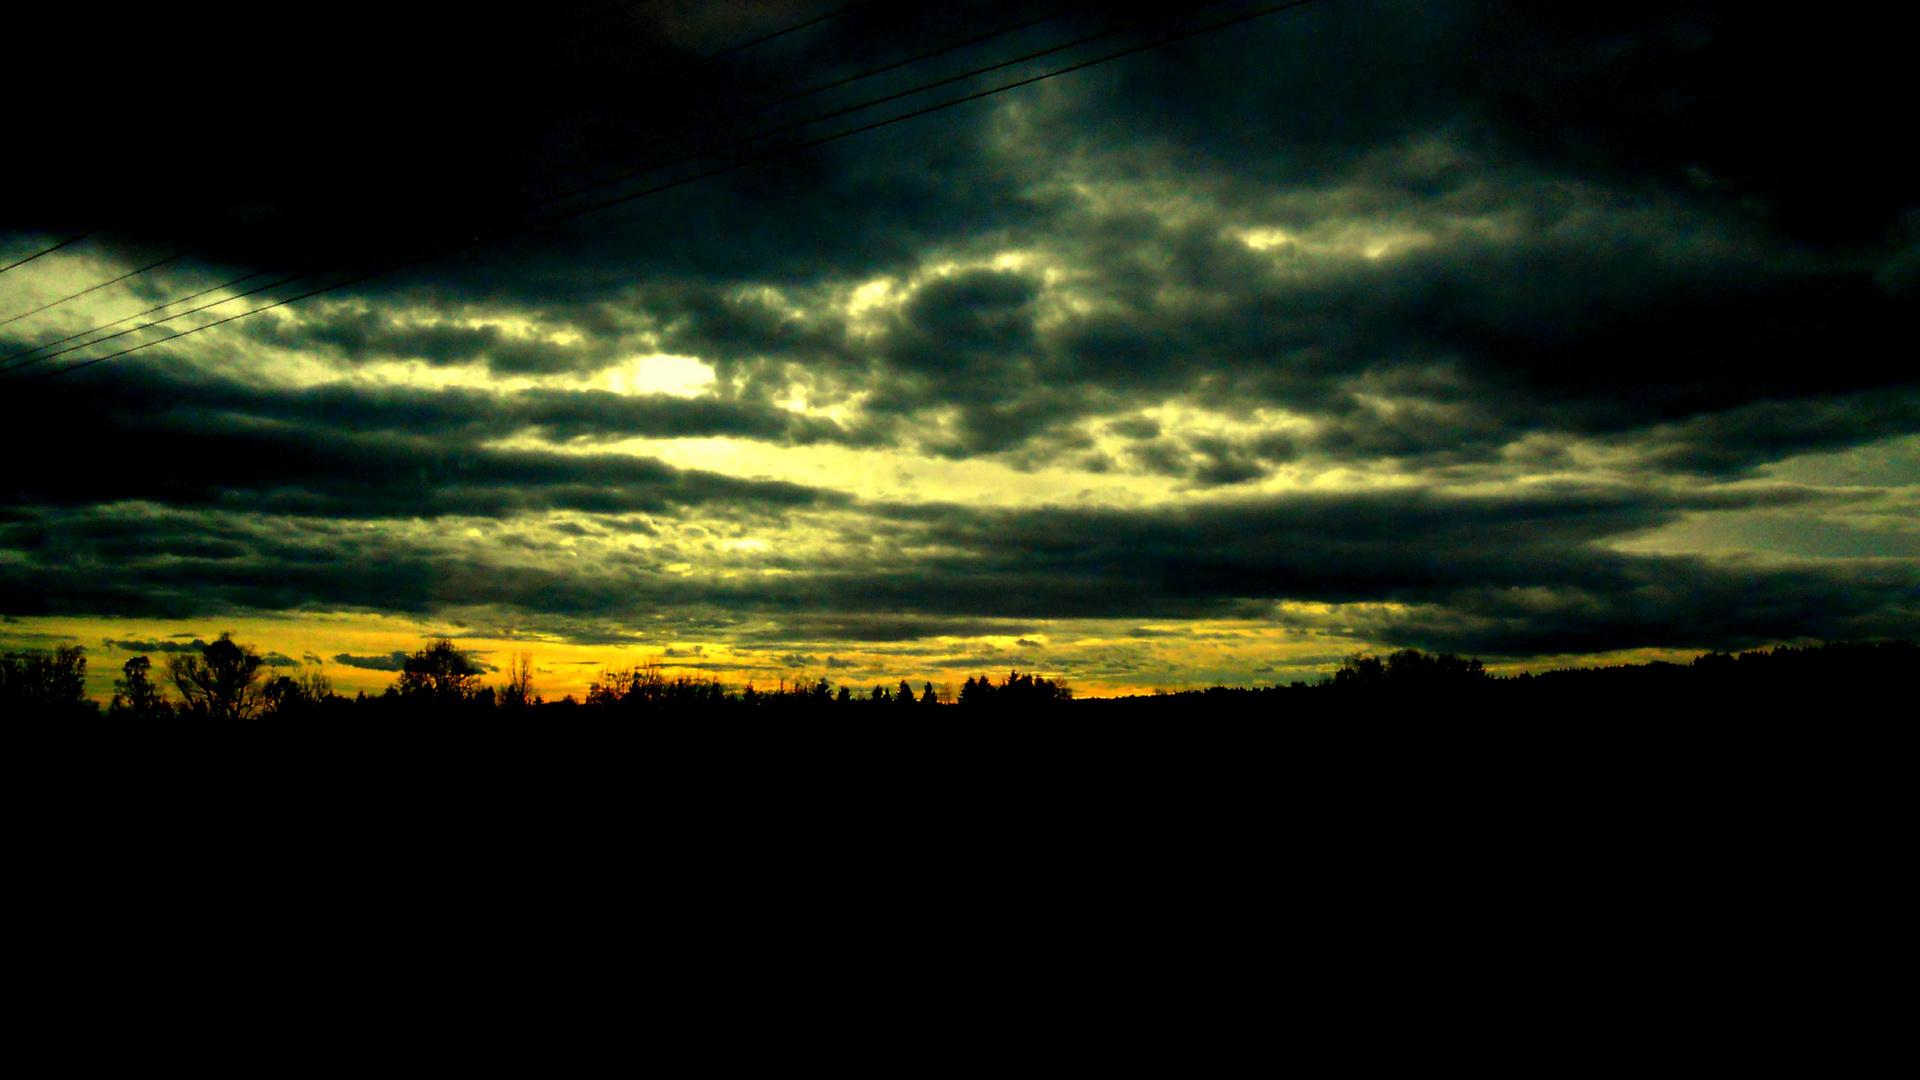 Karfreitag - Licht und Dunkelheit